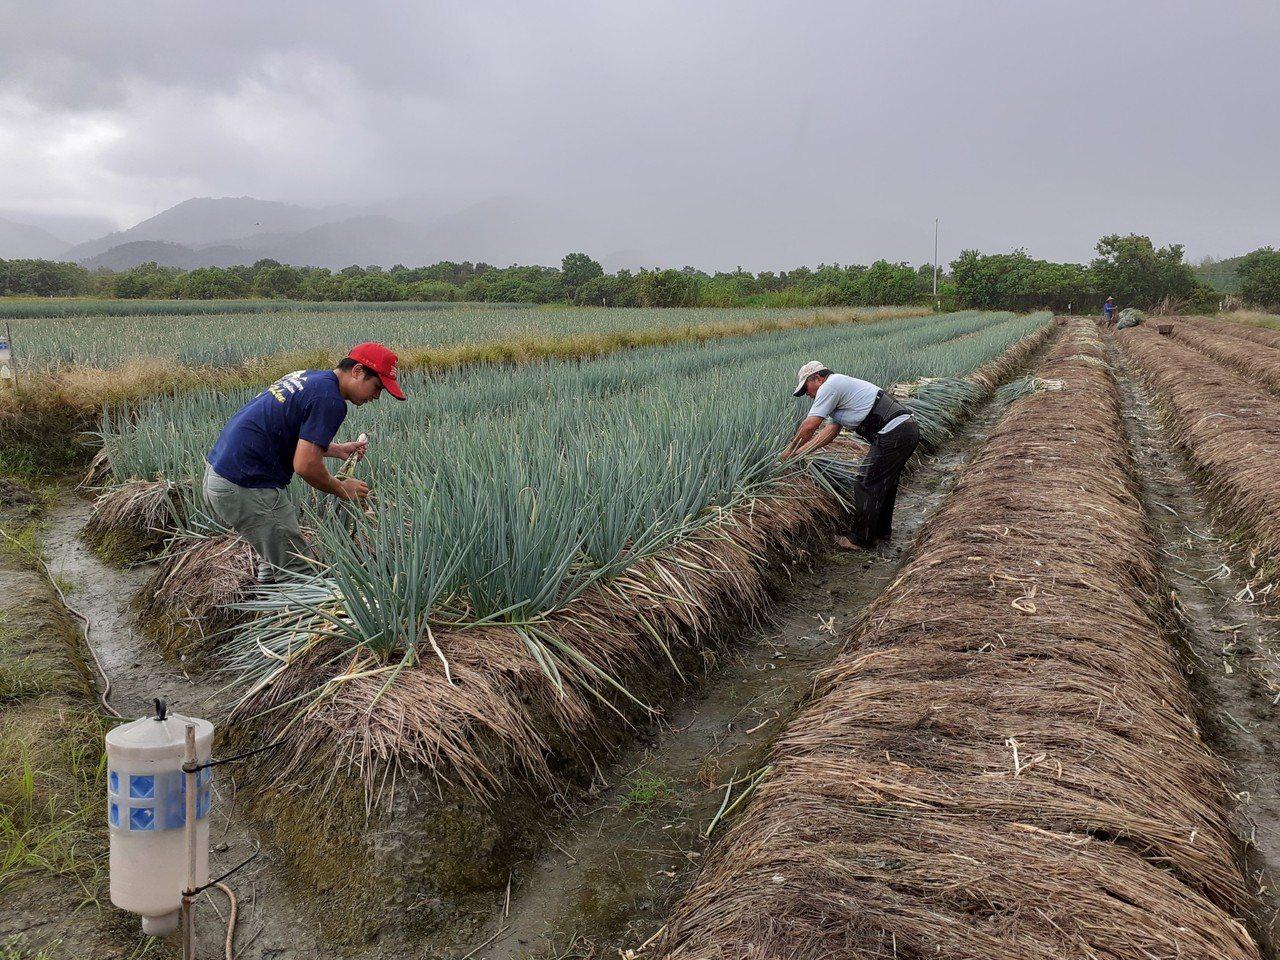 颱風還沒來,「三星蔥」拍賣價一口氣漲了20元, 部分農民趁價格好,趕忙採收了一些...